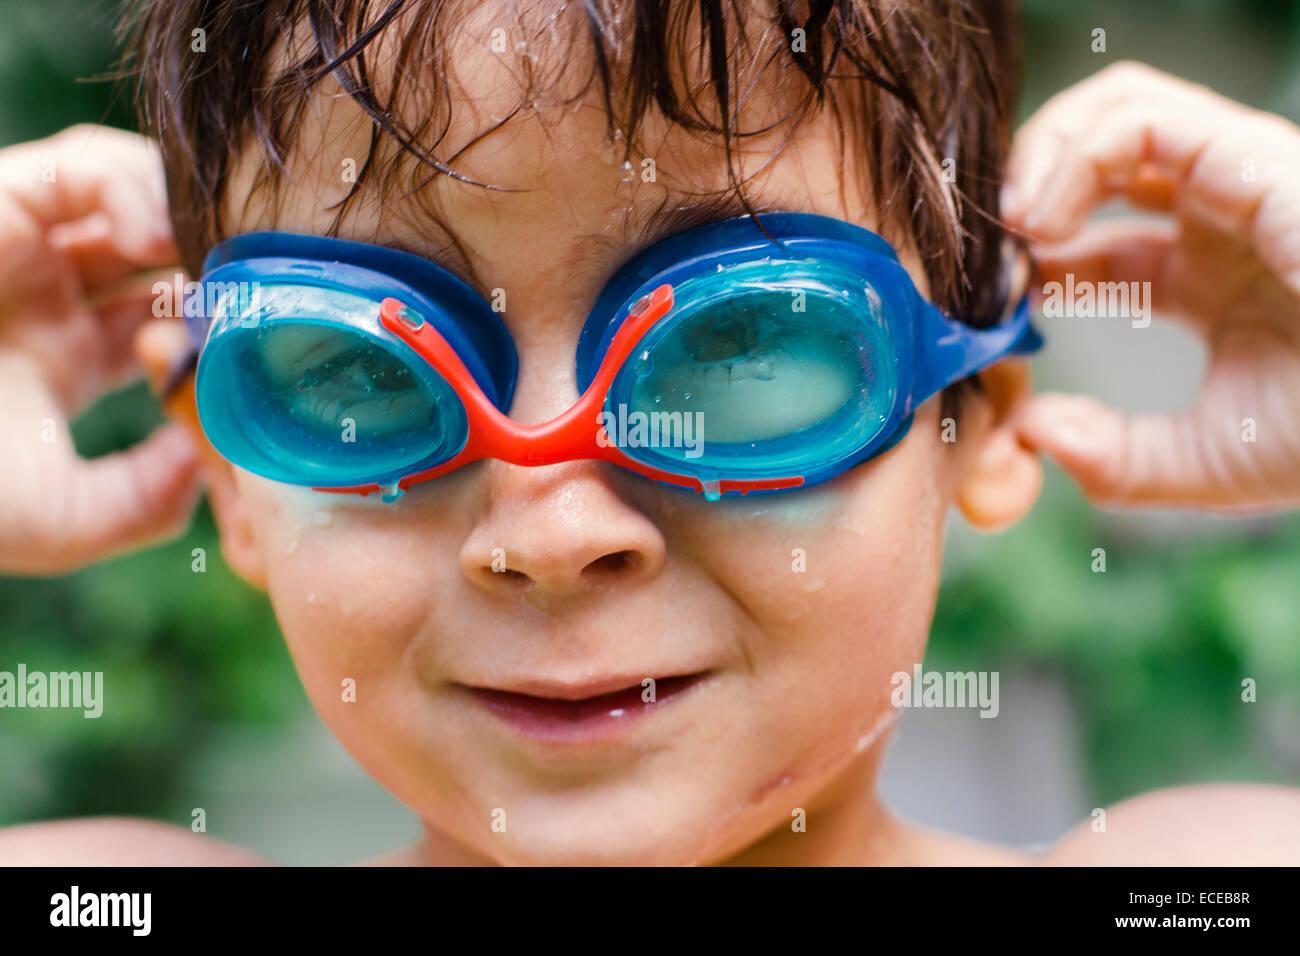 Retrato de niño (4-5) llevando gafas de natación Imagen De Stock